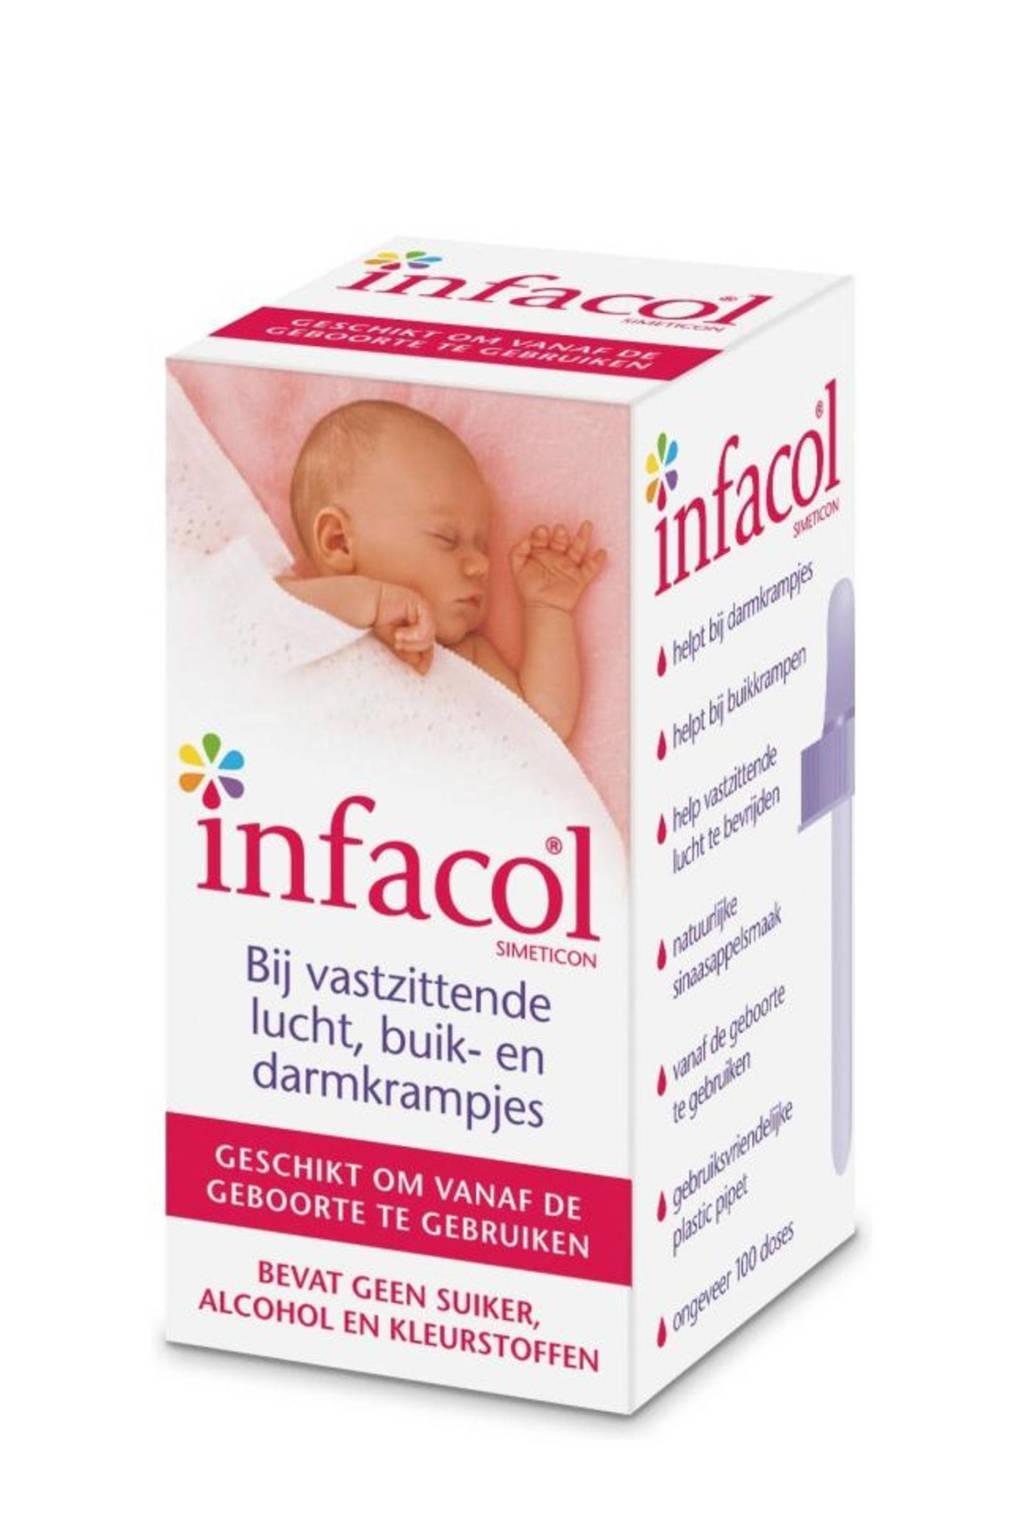 Infacol Druppels tegen darmkrampjes - 50 ml